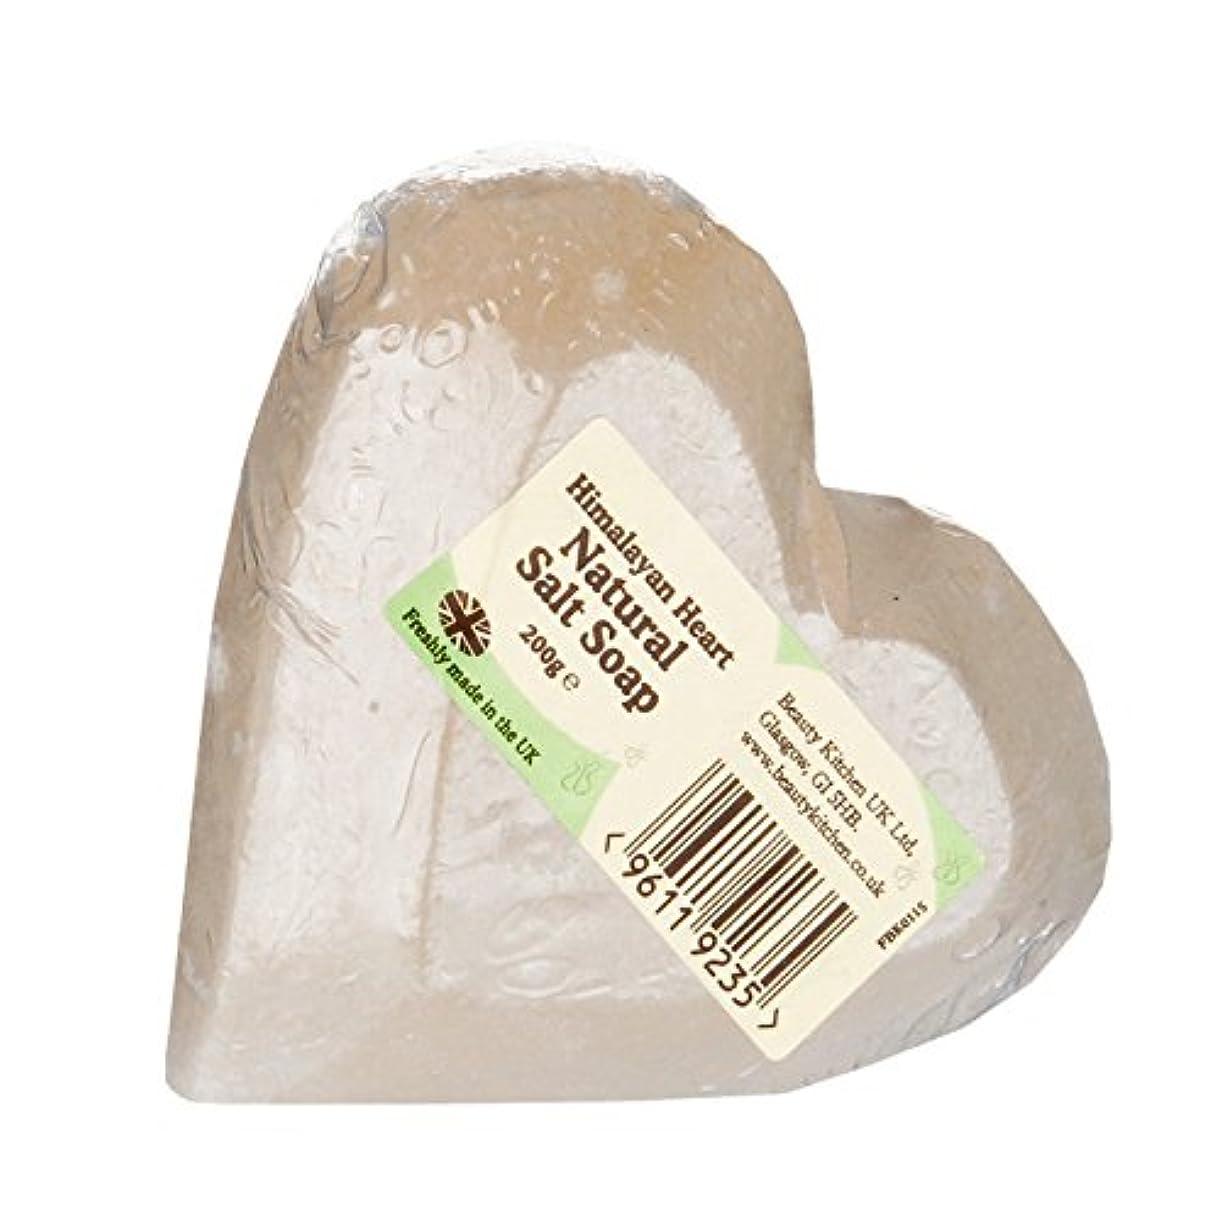 空ギャラリートーン美容キッチンヒマラヤンハートソープ200グラム - Beauty Kitchen Himalayan Heart Soap 200g (Beauty Kitchen) [並行輸入品]